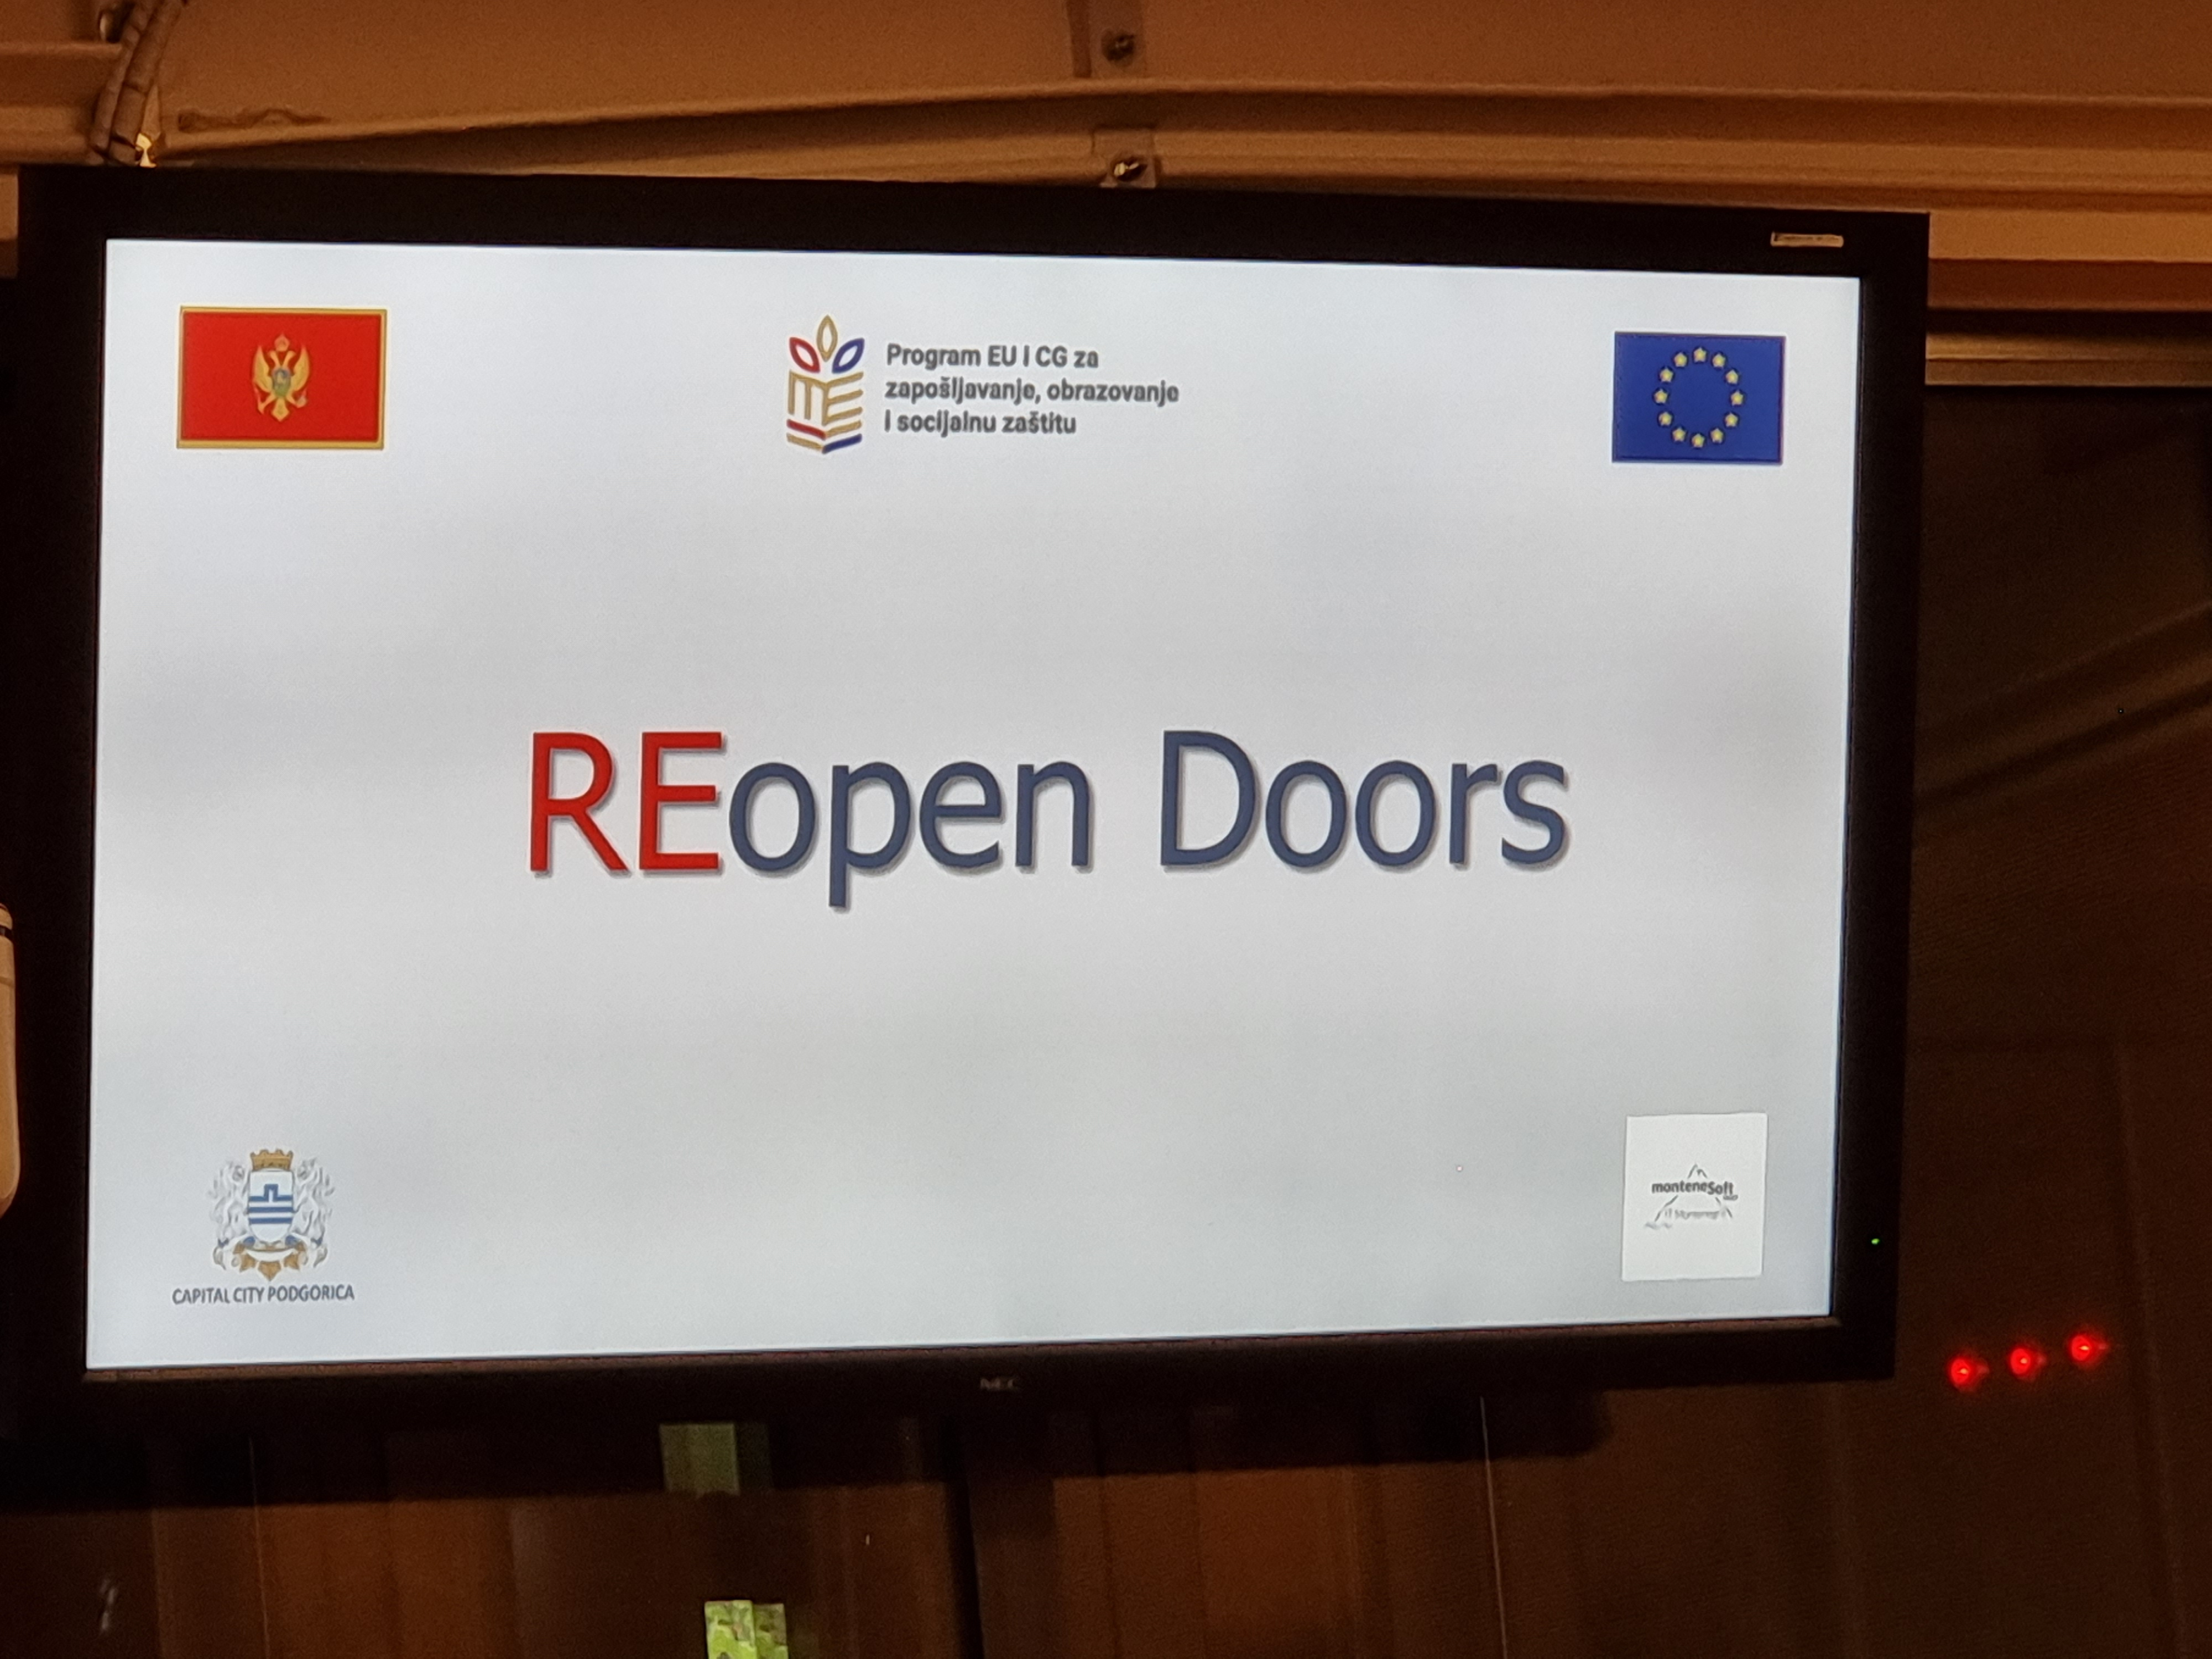 Završen projekat ReOpen Doors; Glavni grad ostaje posvećen unapređenju položaja RE populacije